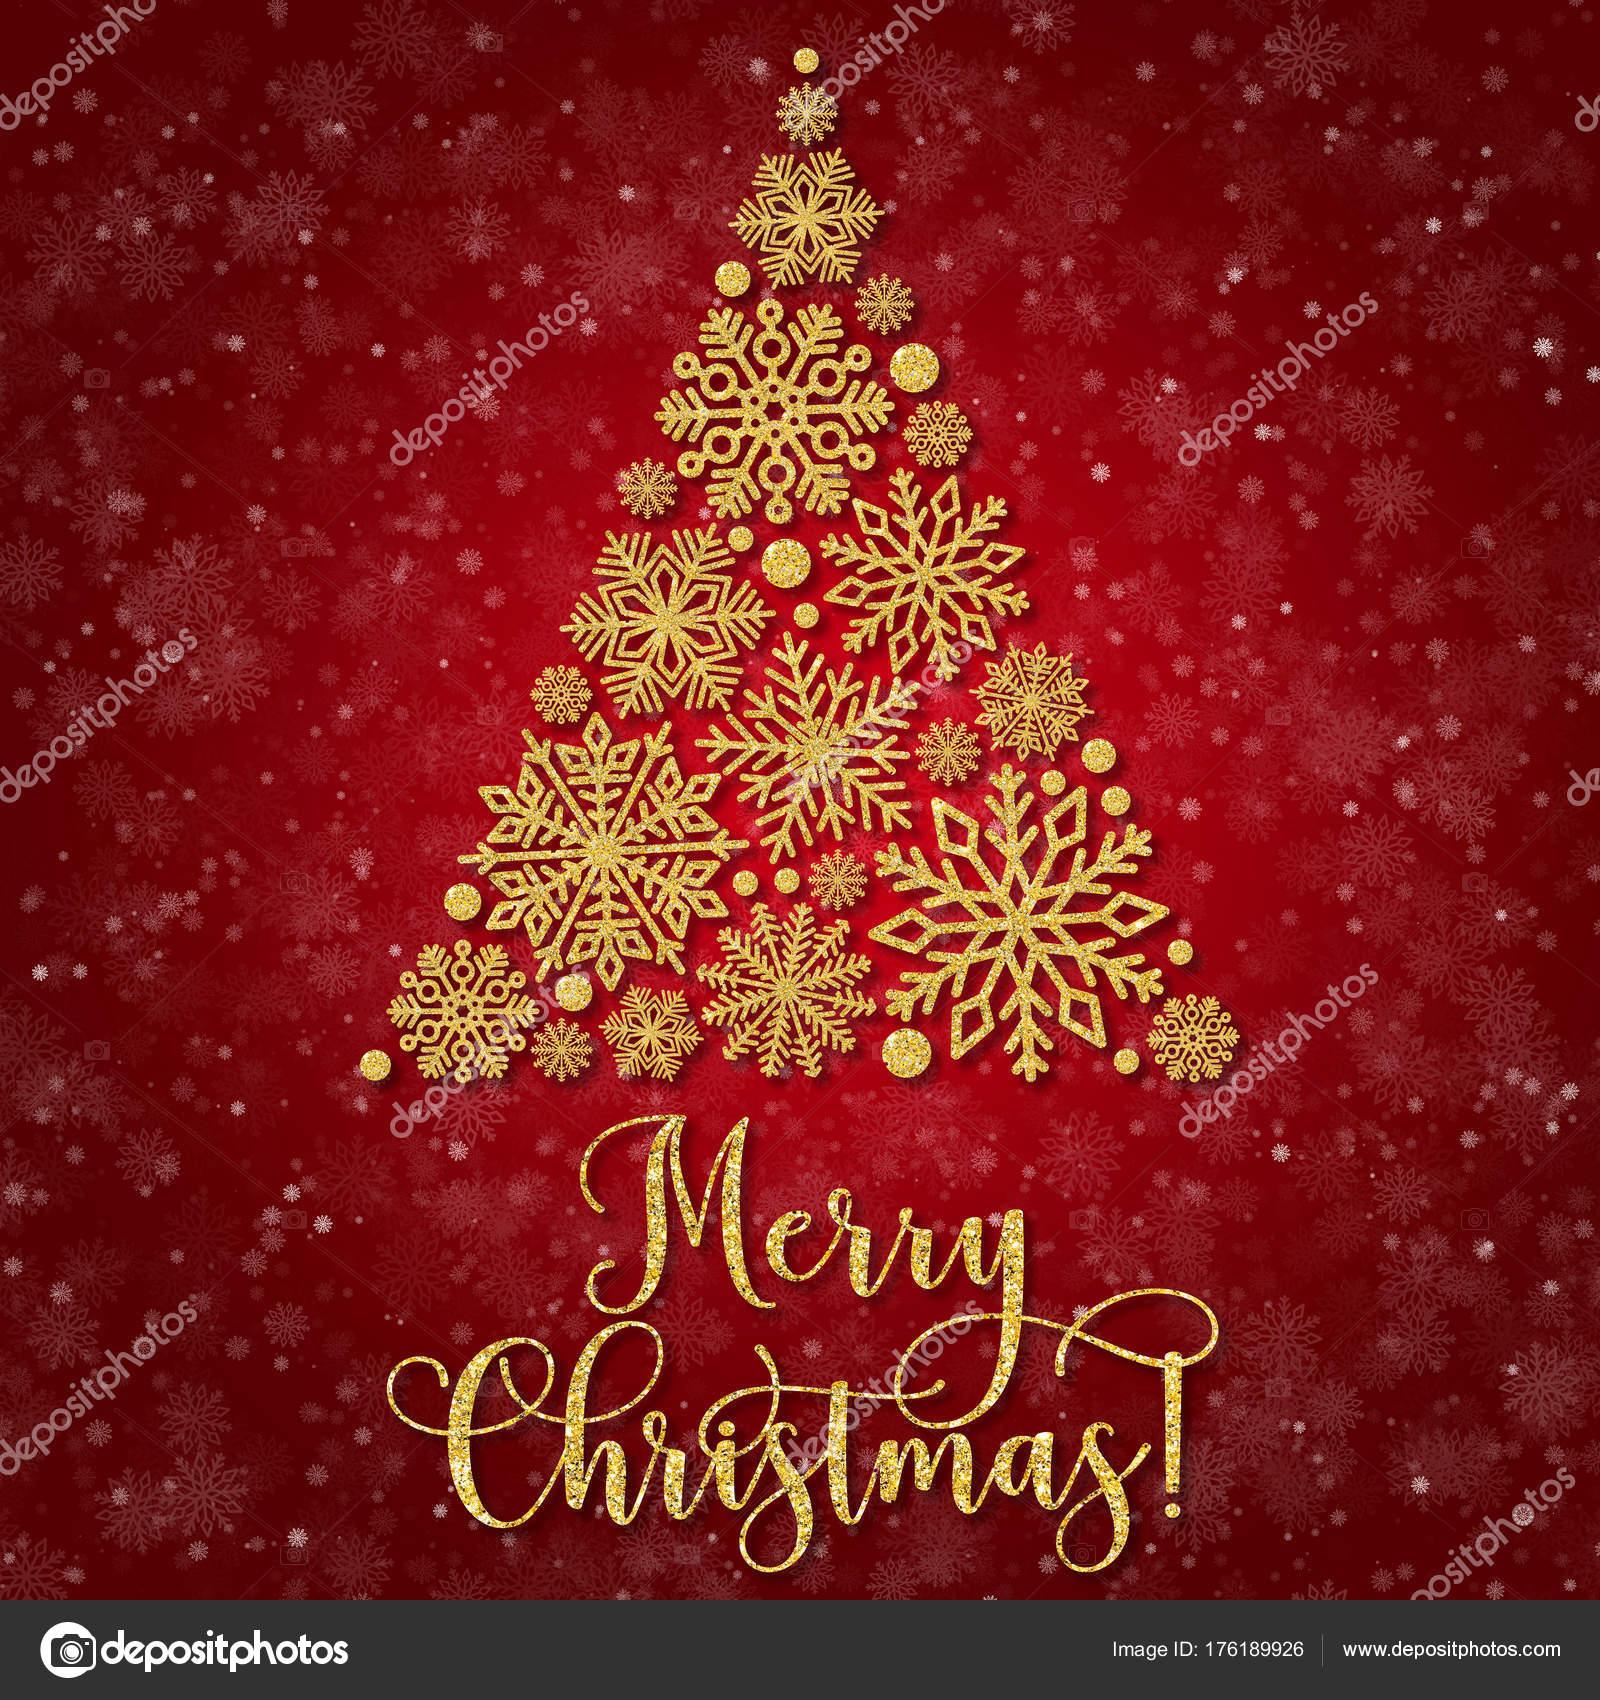 Frasi Albero Di Natale.Cartolina D Auguri Con Albero Di Natale Astratto Su Sfondo